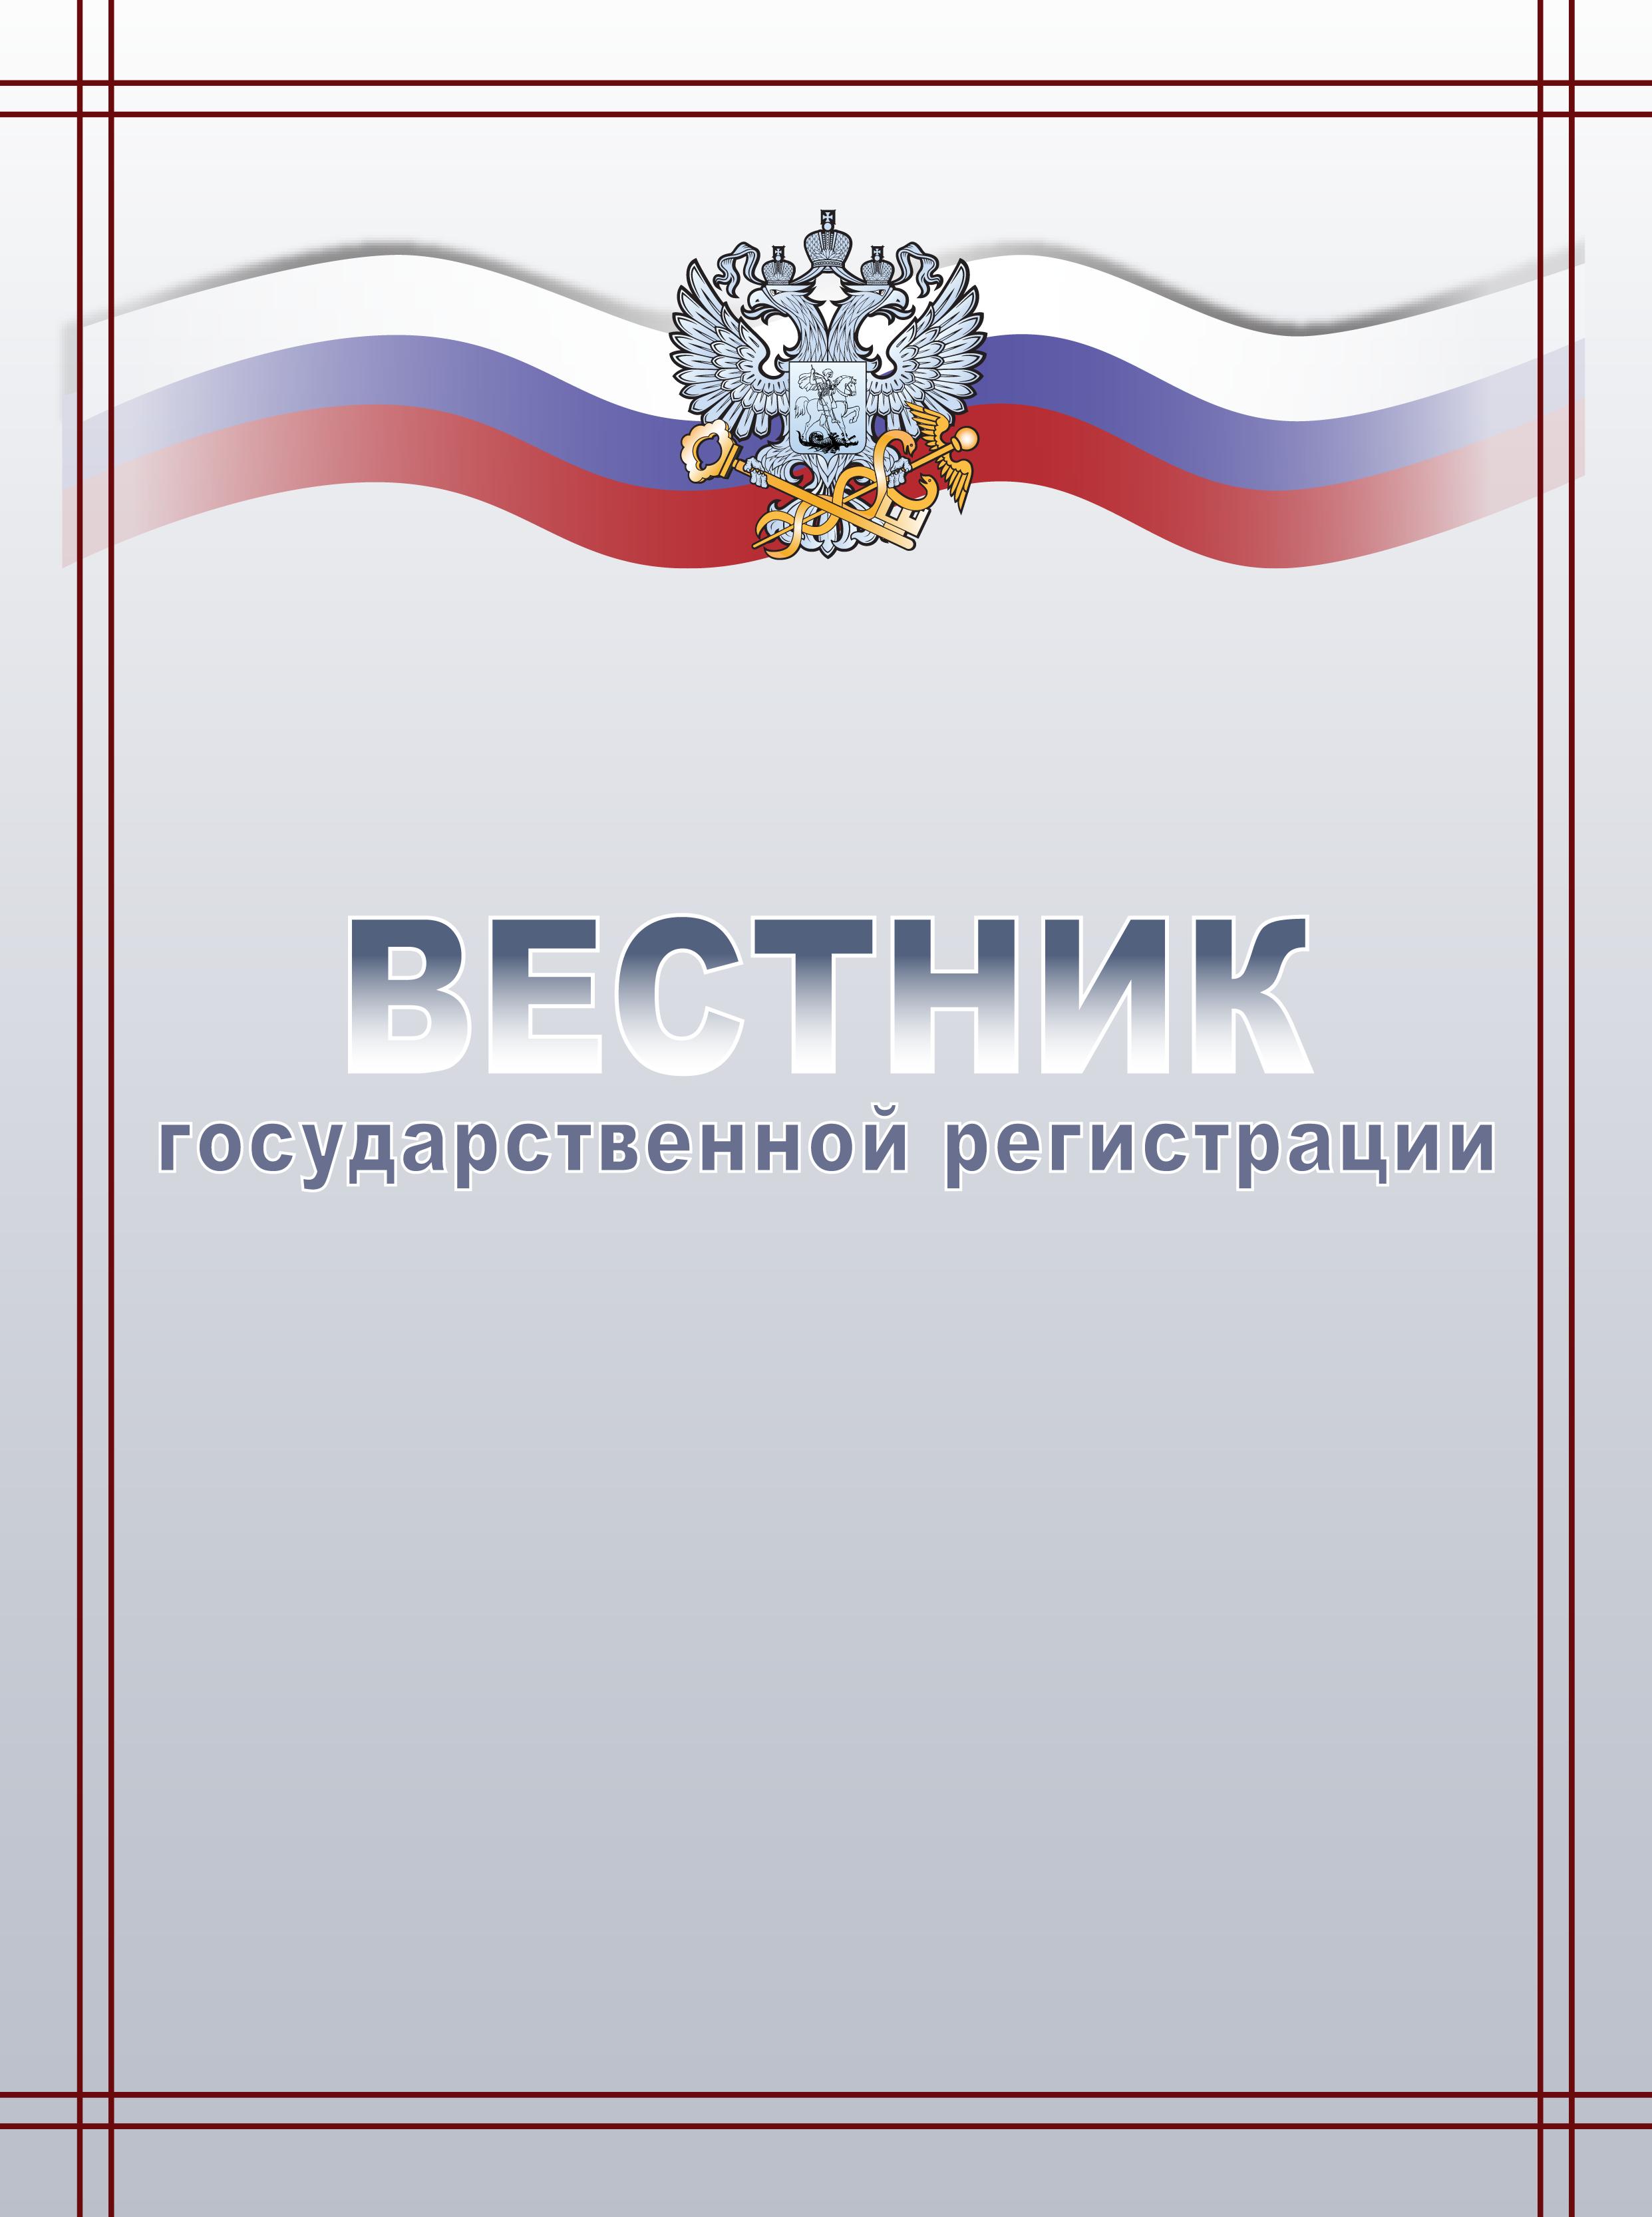 Проверка публикации в вестнике государственной регистрации